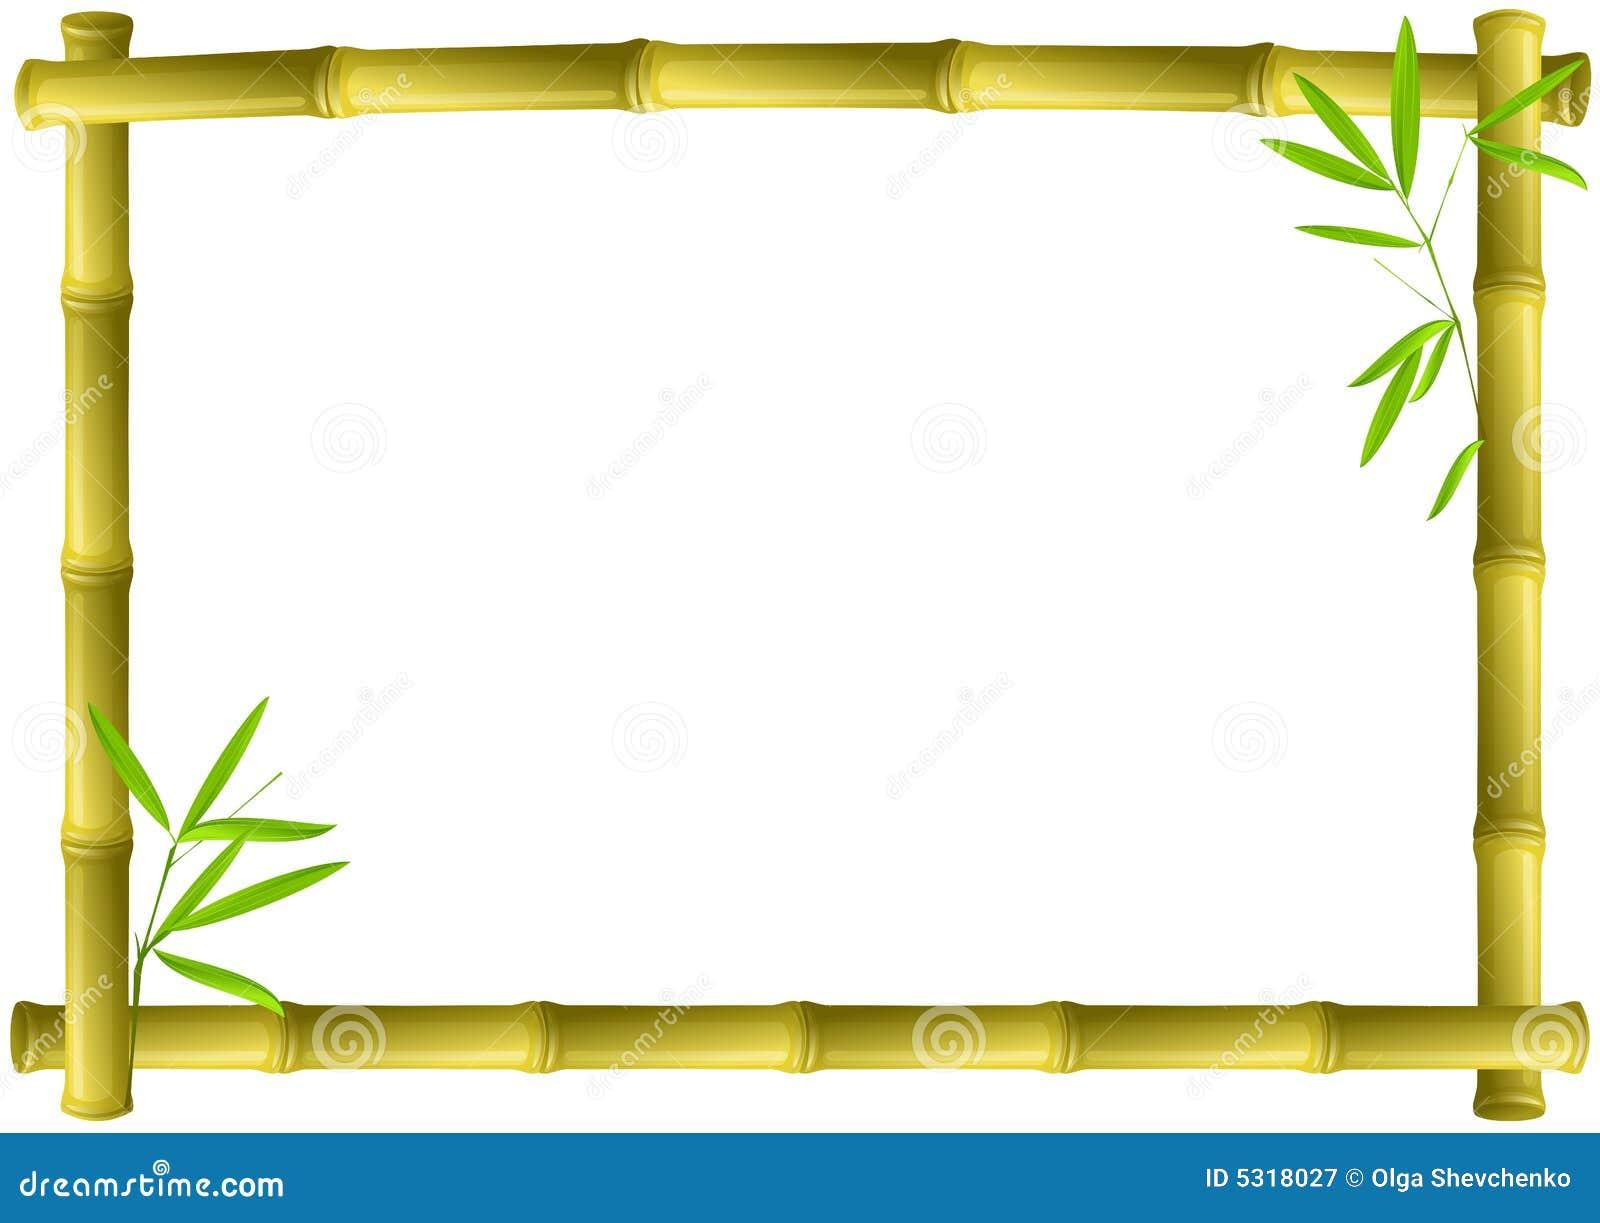 Download Blocco Per Grafici Di Bambù Illustrazione Vettoriale - Illustrazione di legno, bordo: 5318027